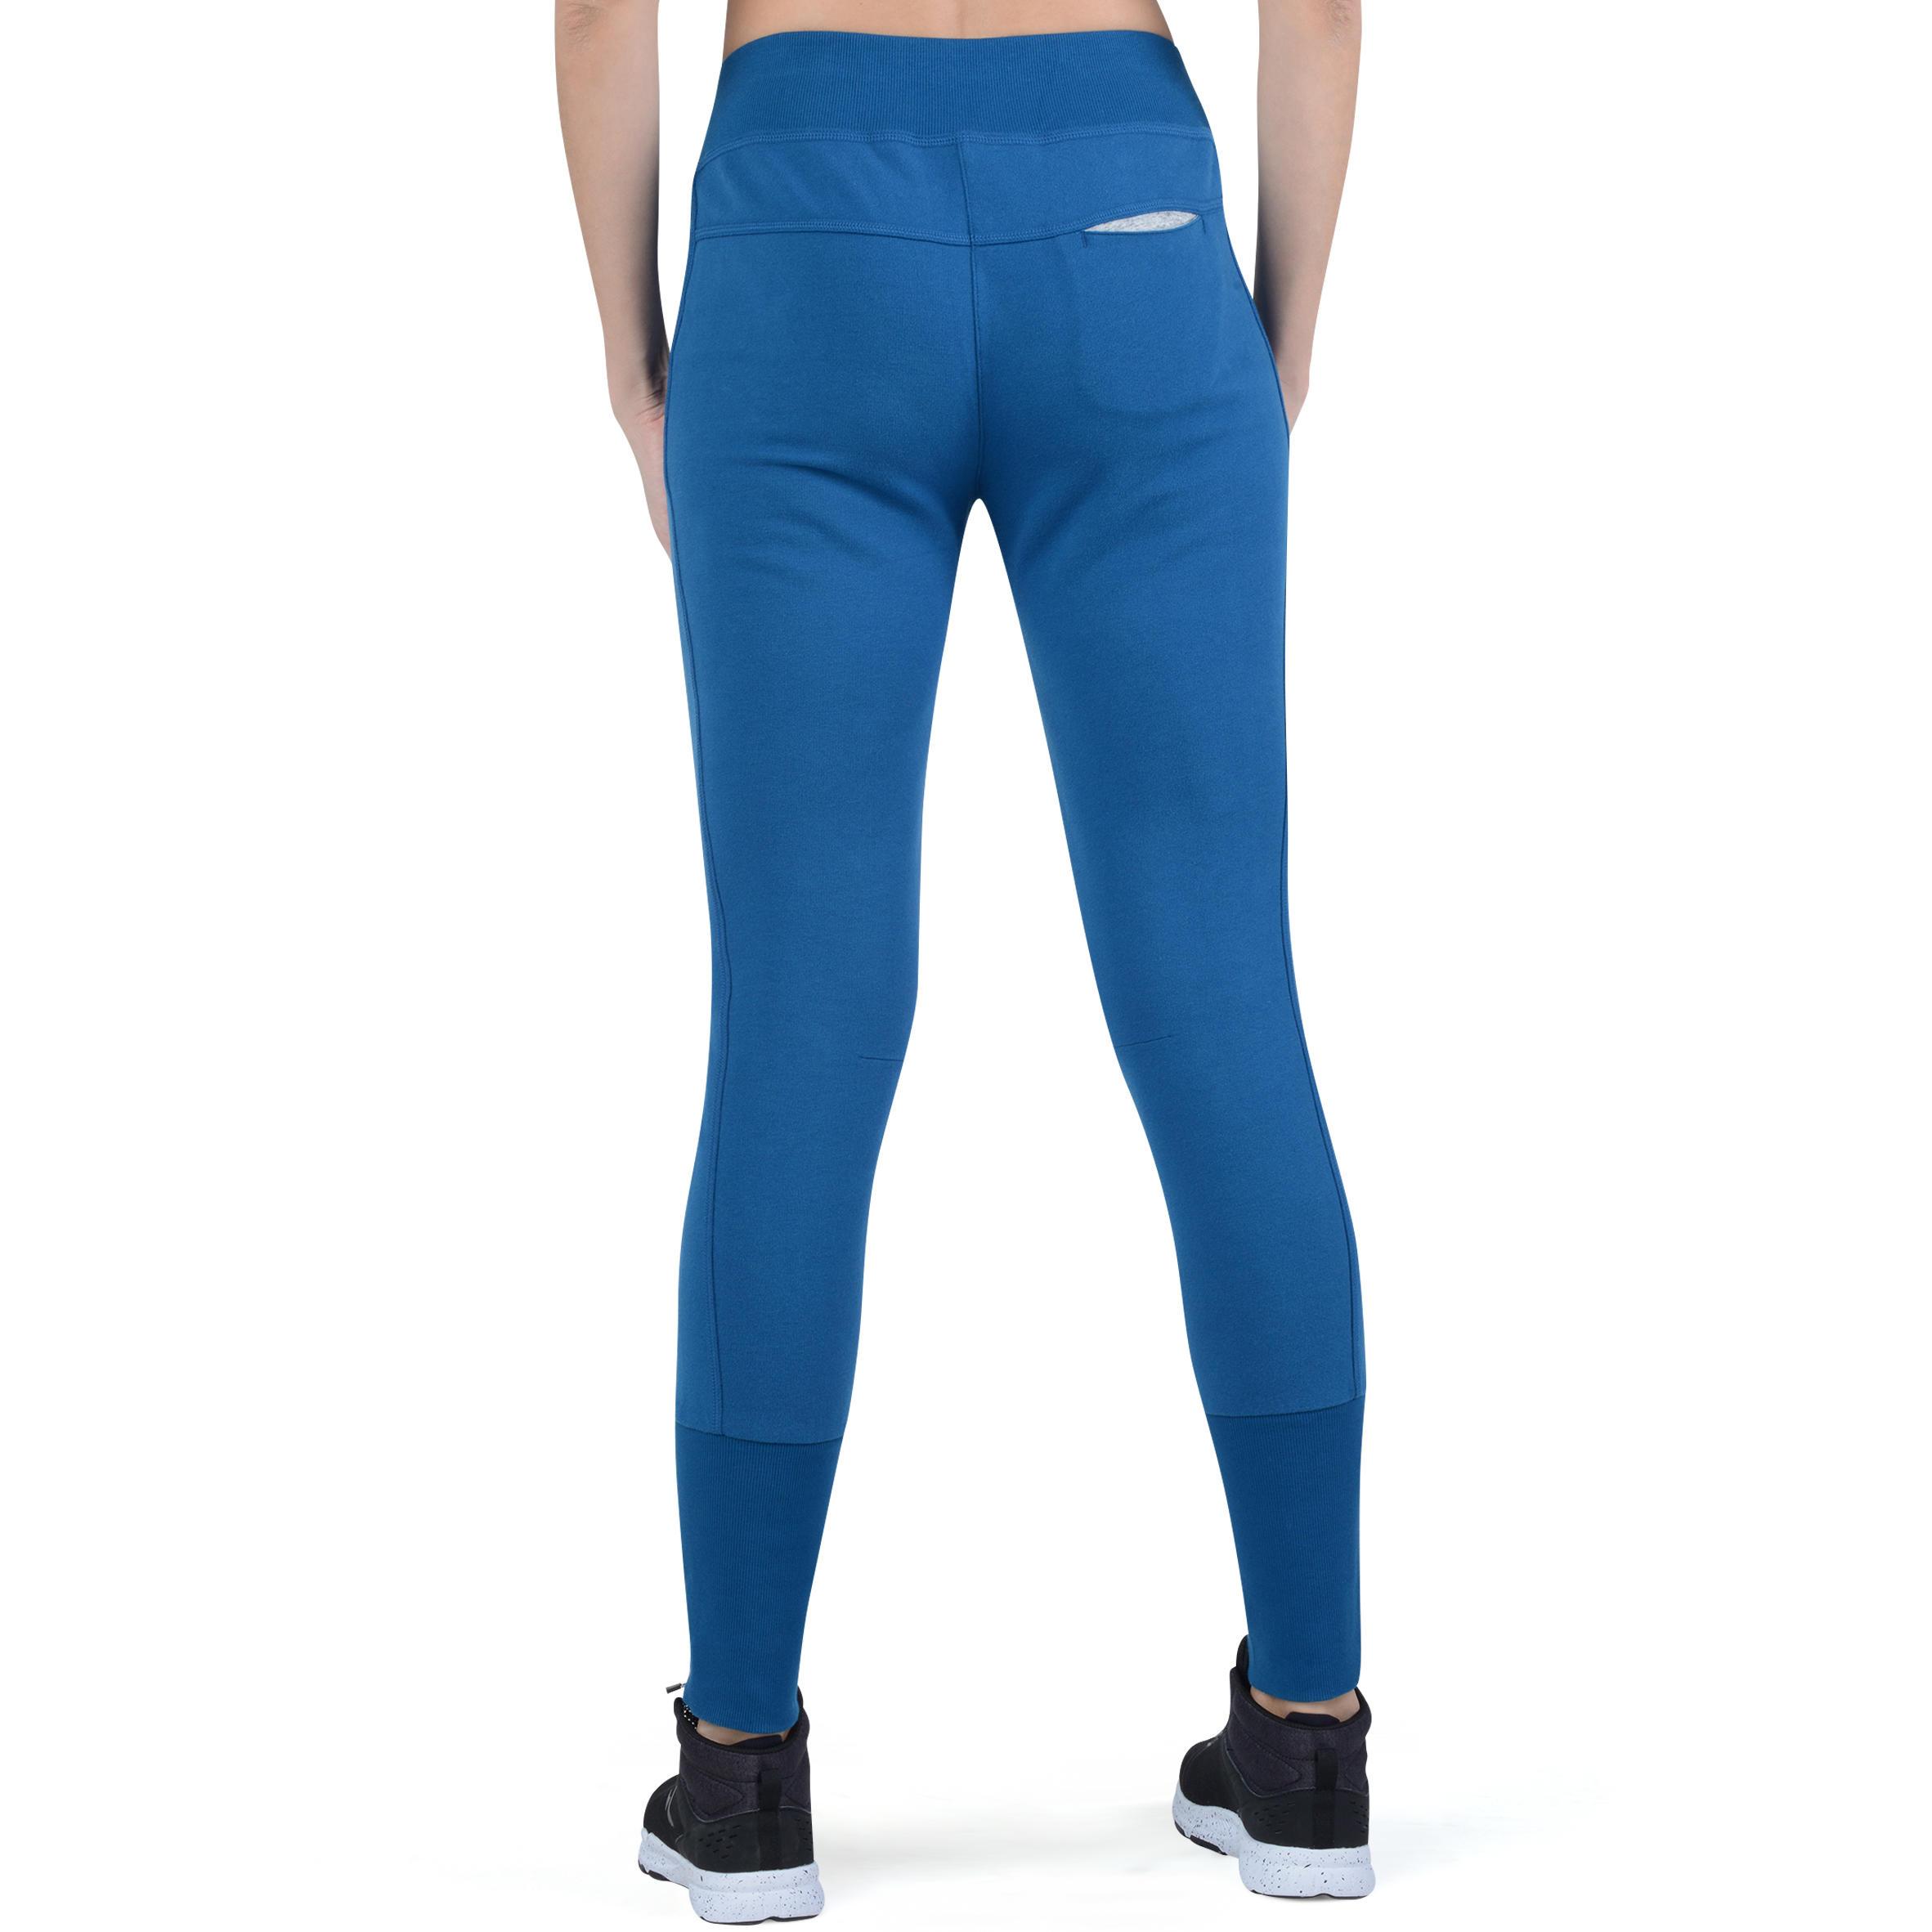 Molleton Pilates Gymamp; Pantalon Canard Bas Zippé Femme Bleu O8wPn0kX